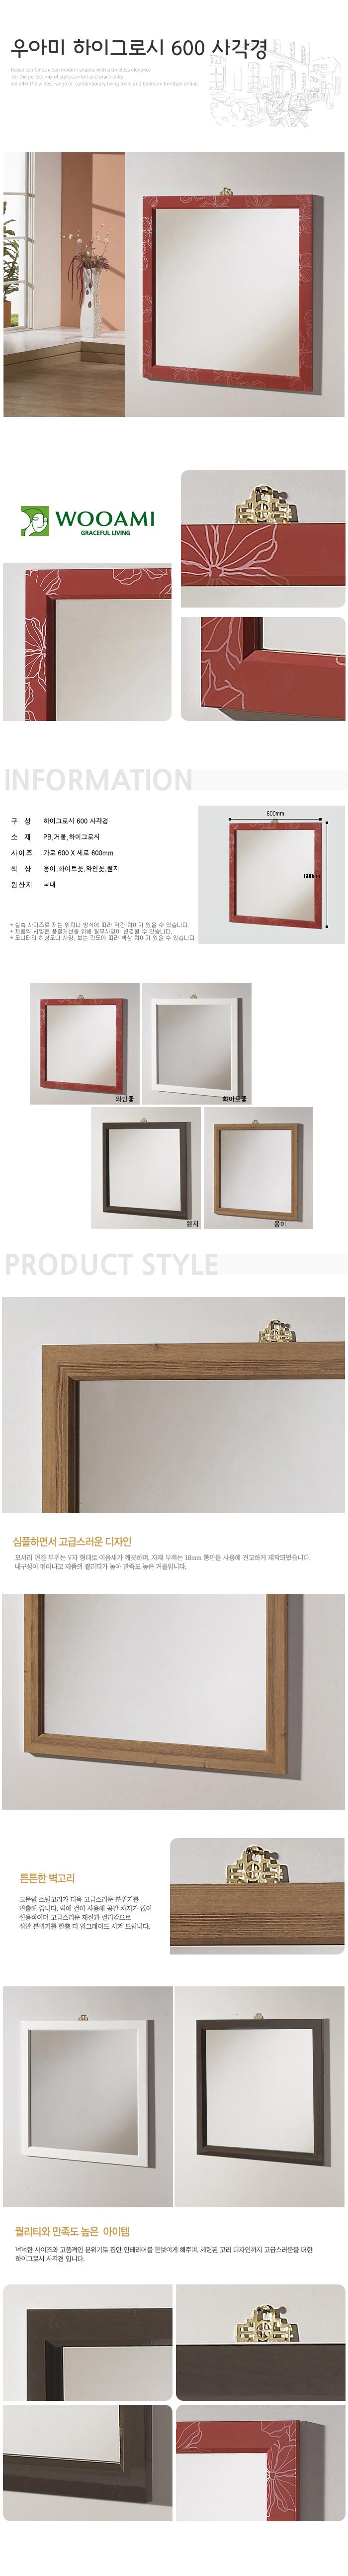 우아미 하이그로시 600 사각경 - 인우드, 31,670원, 거울, 벽걸이거울